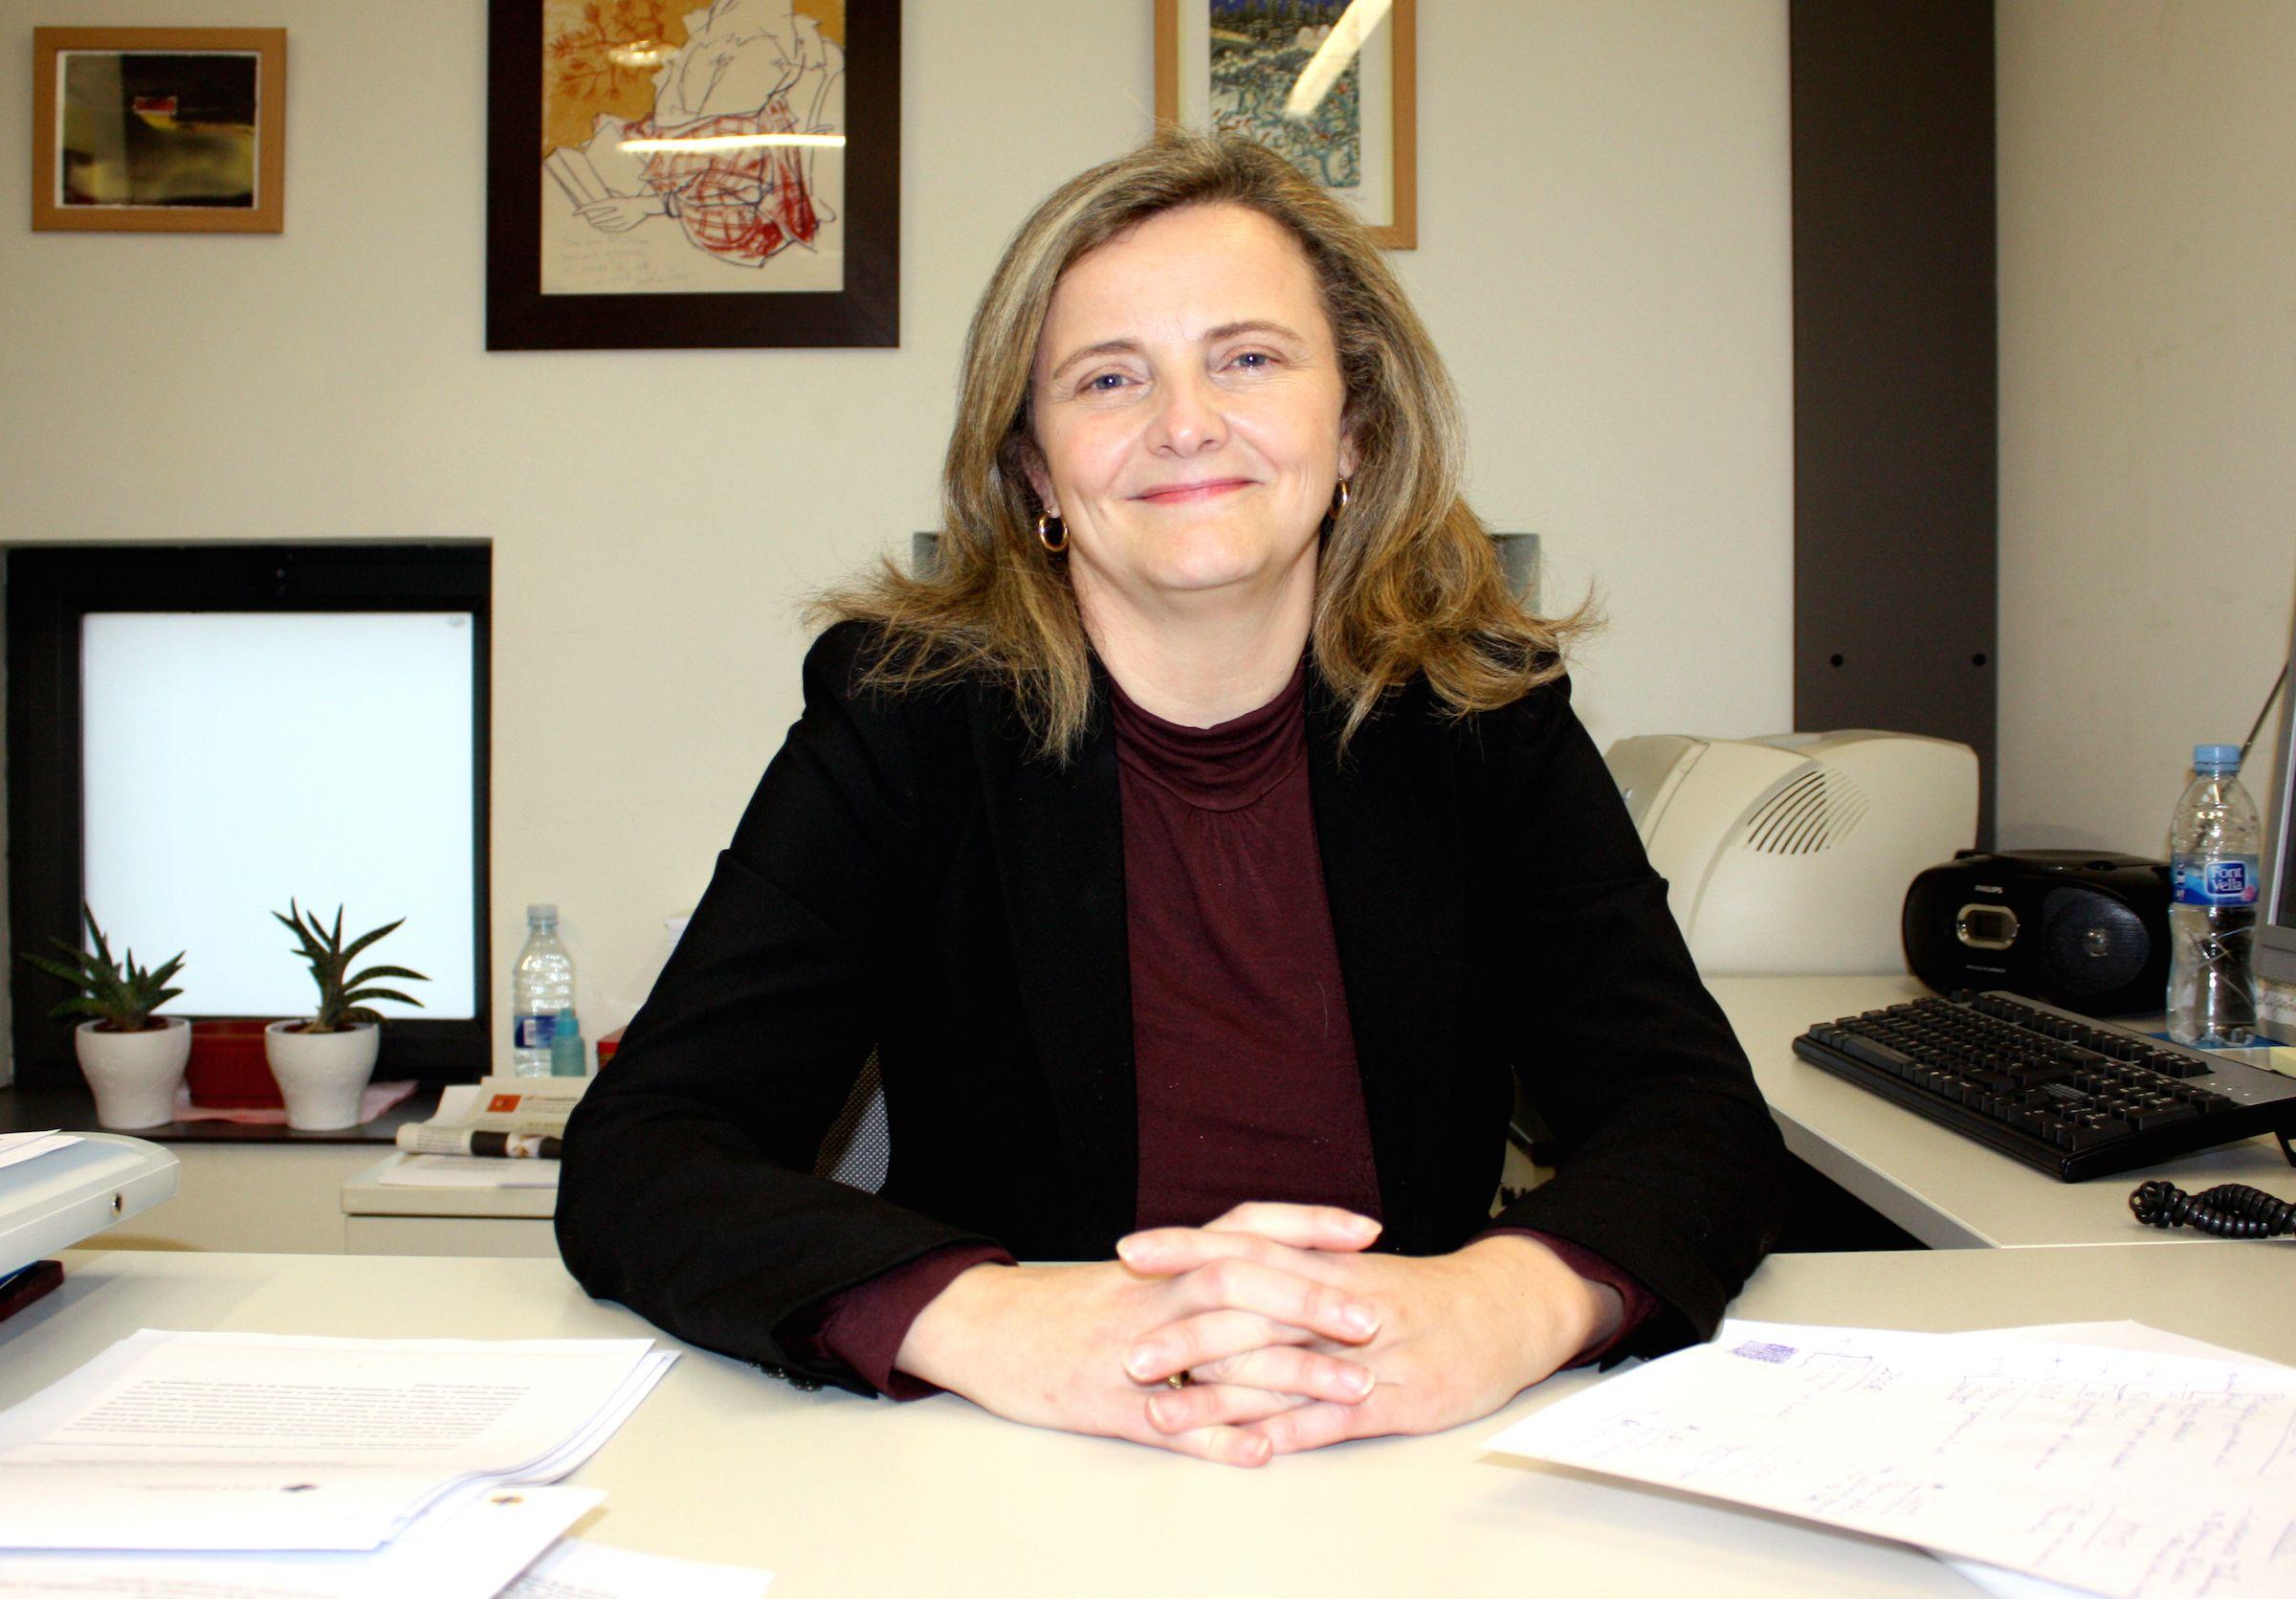 Elvira García de Torres, profesora de Periodismo de la CEU UCH, es miembro de la Red de Excelencia en Periodismo Digital de las Universidades españolas.